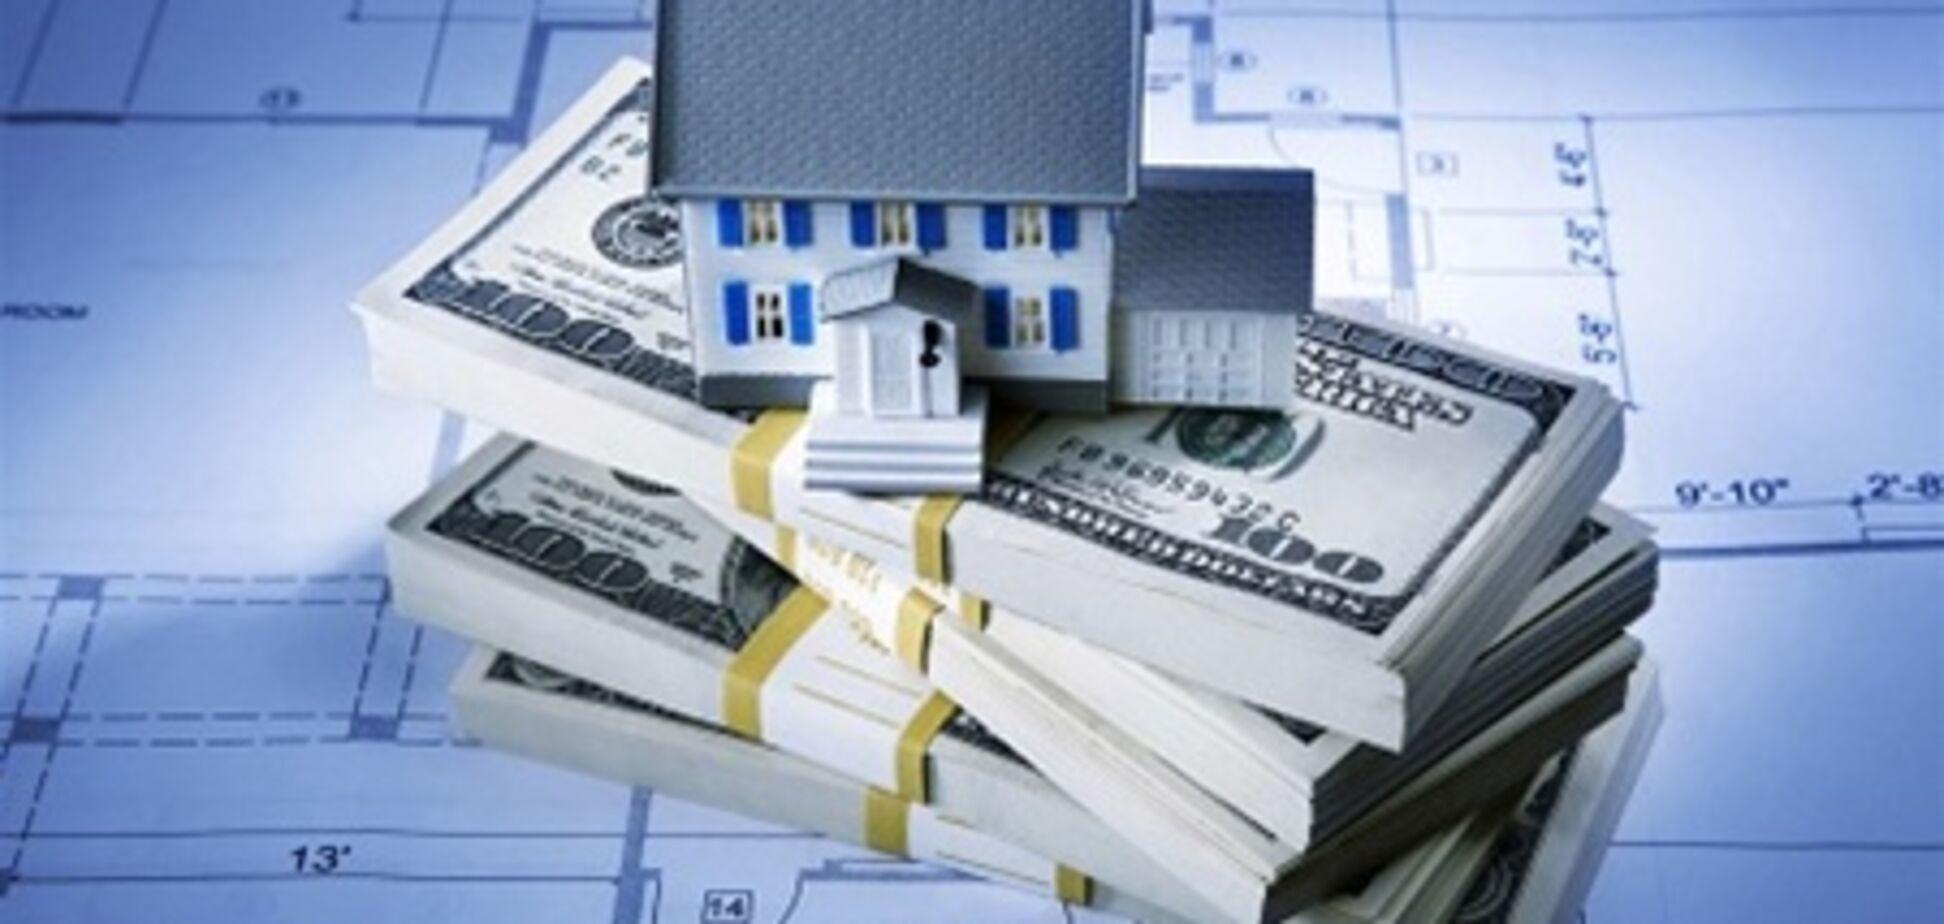 Самые частые ошибки при продаже жилья